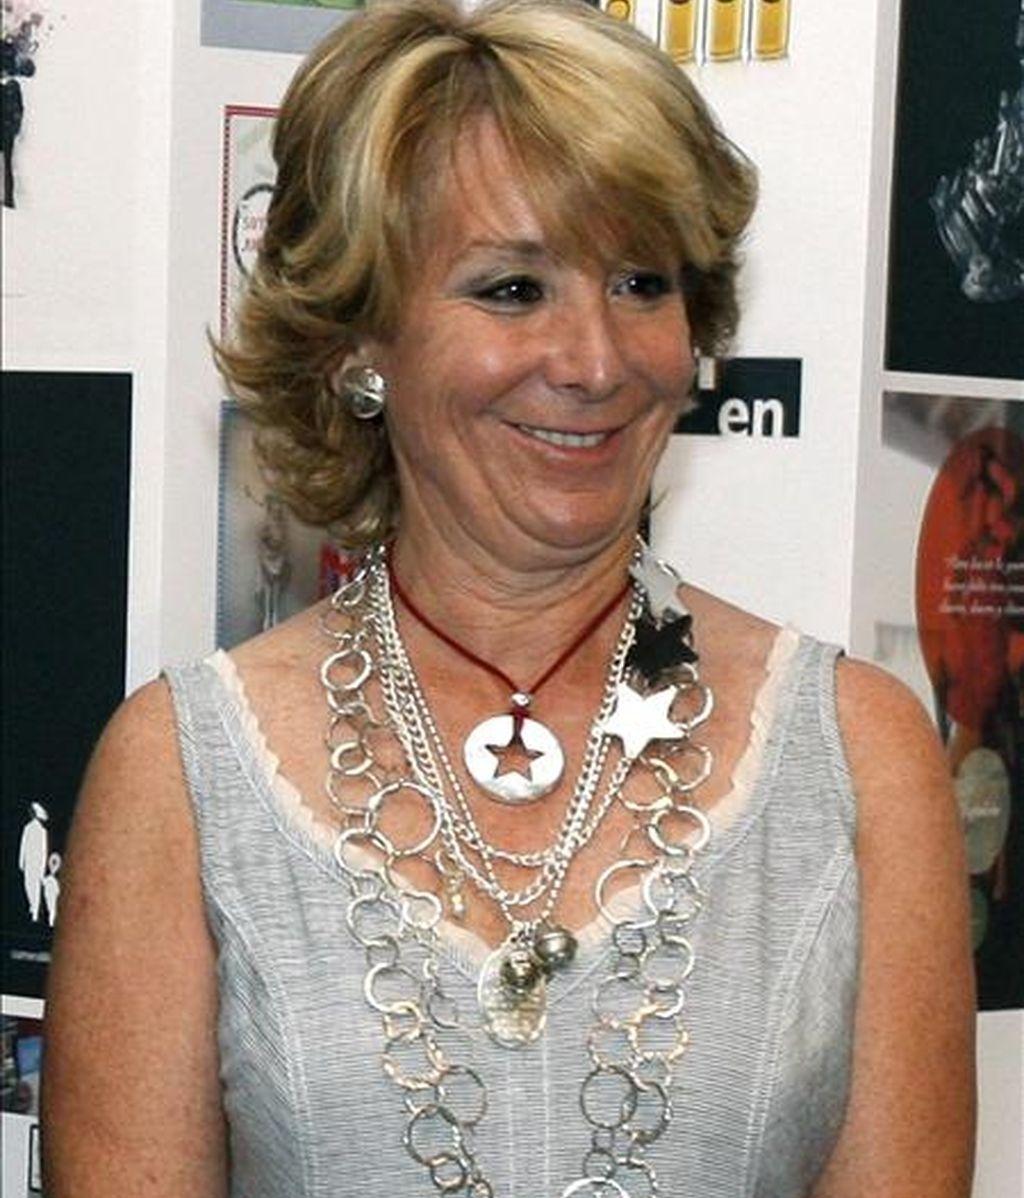 La presidenta de la Comunidad, Esperanza Aguirre. EFE/Archivo